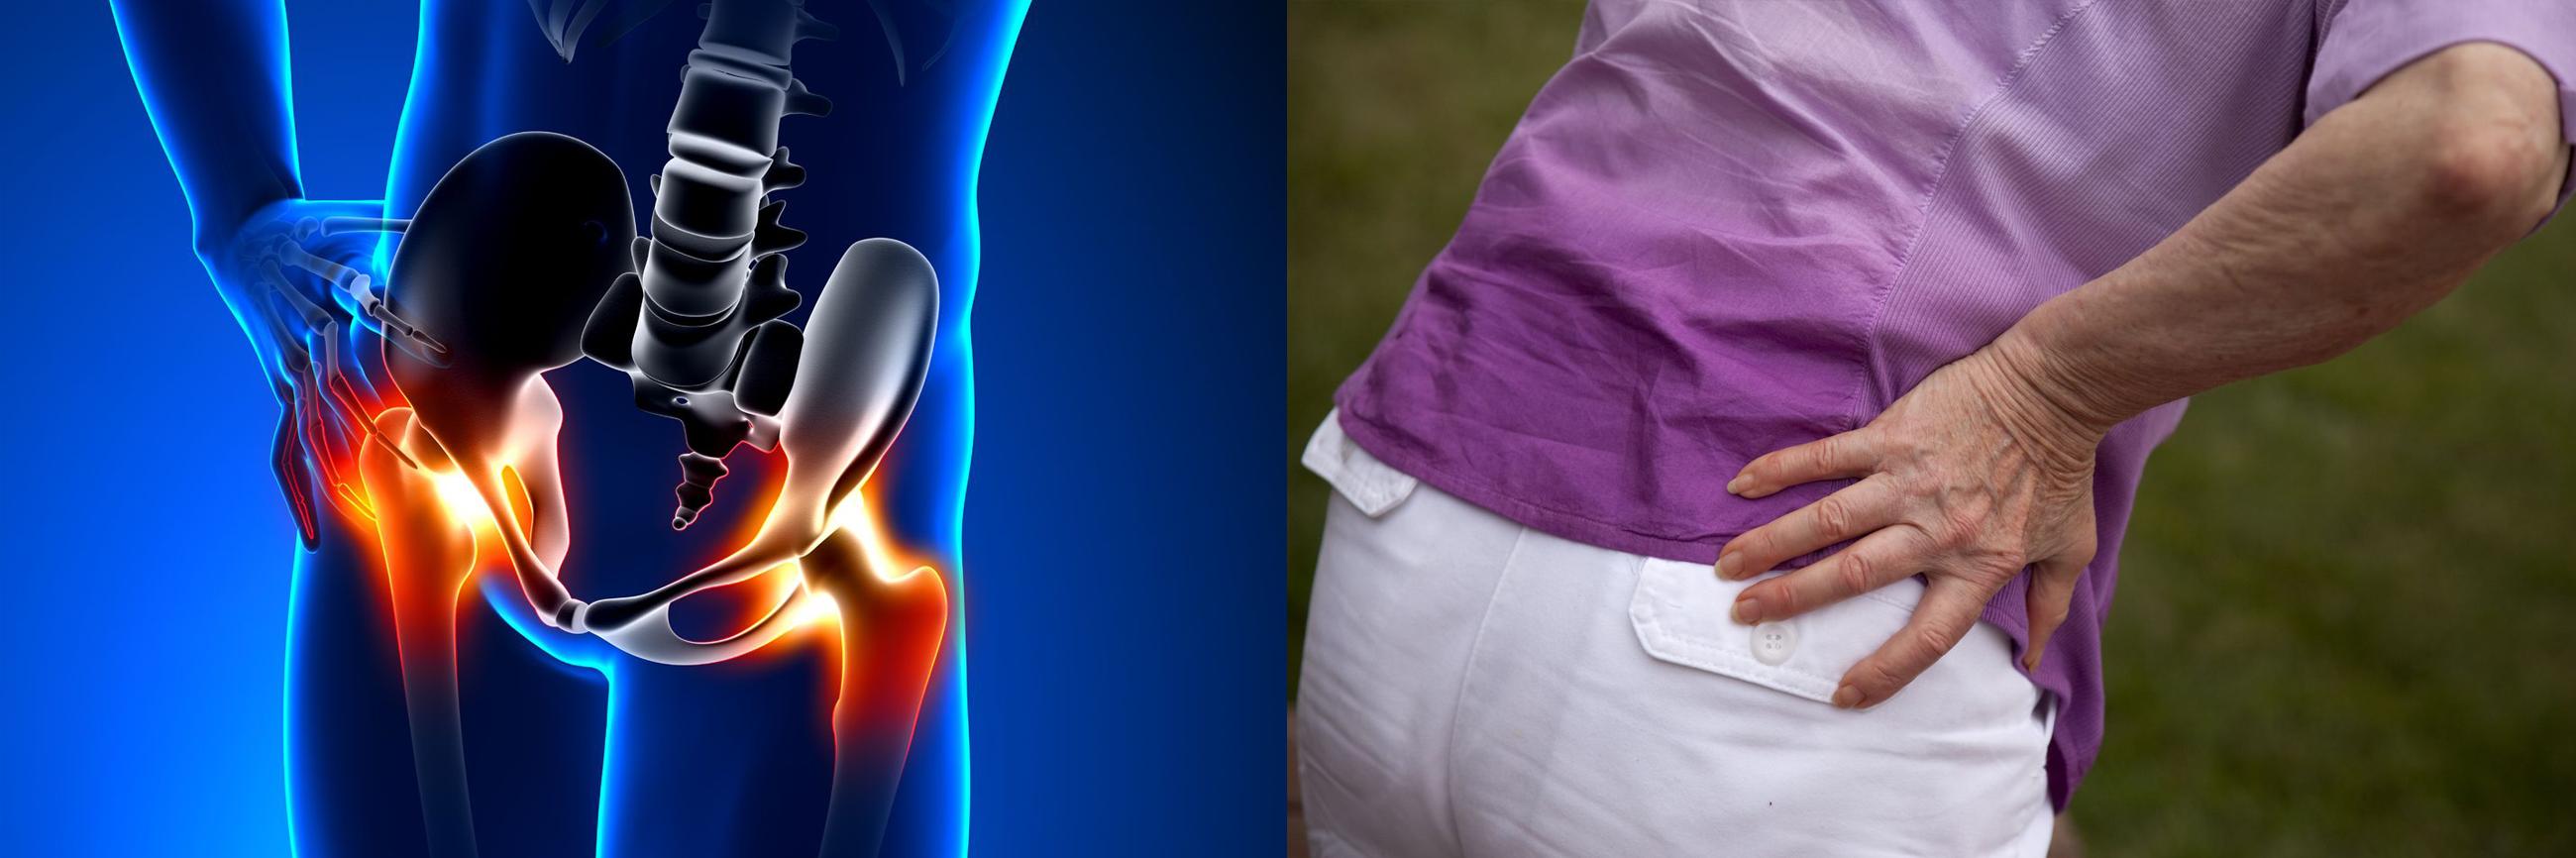 mi kezeli az ízületi fájdalmakat az ízületek megsérülnek a mérgezés után